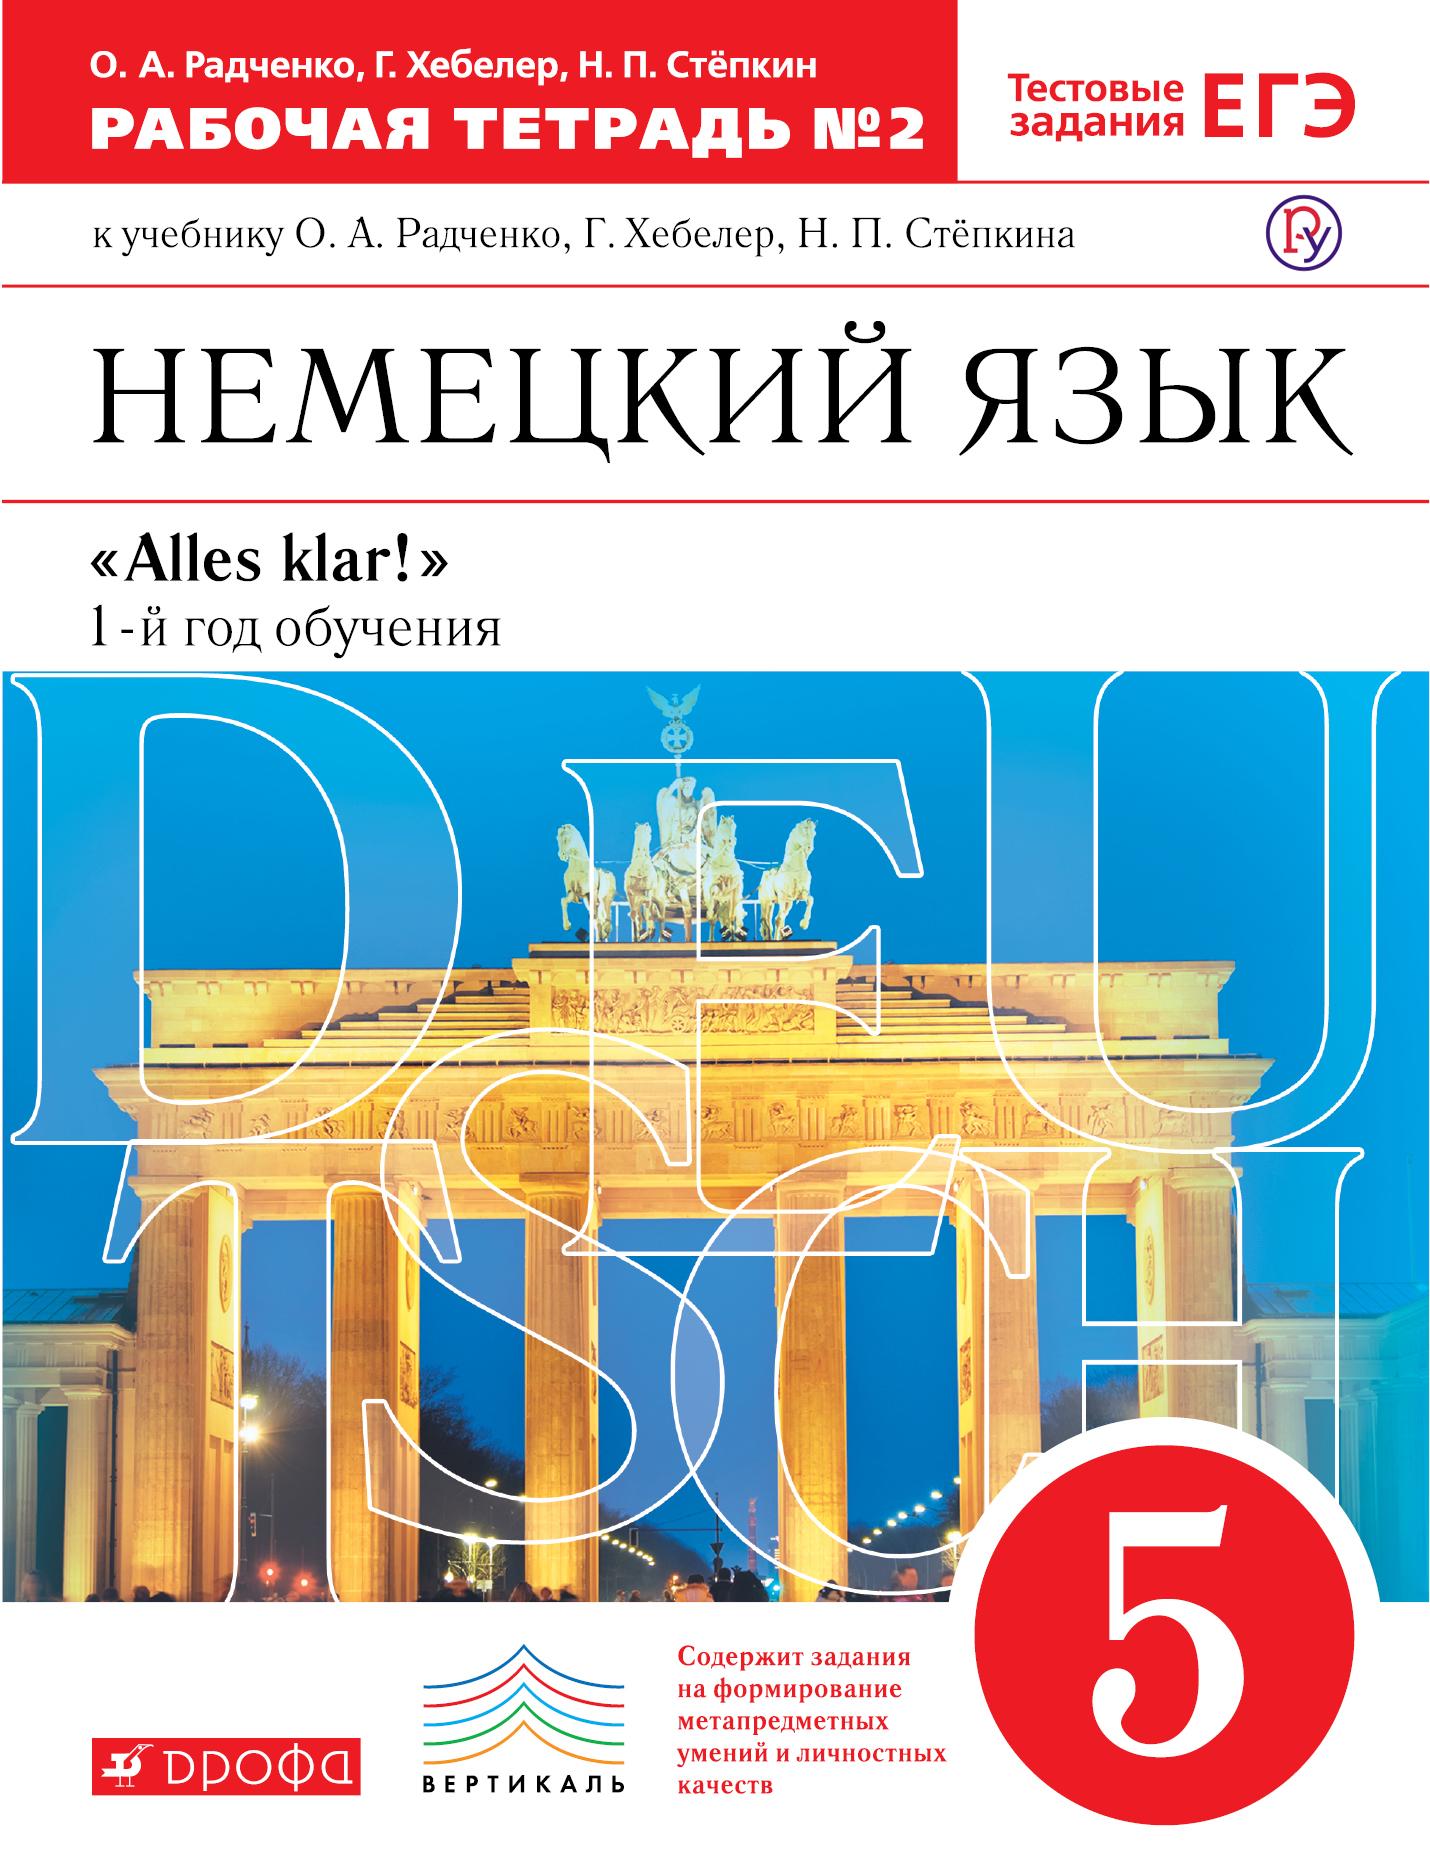 Немецкий язык как второй иностранный. 5 класс. Рабочая тетрадь в 2-х частях. Часть 2 ( Радченко О.А., Хебелер Г., Степкин Н.П.  )